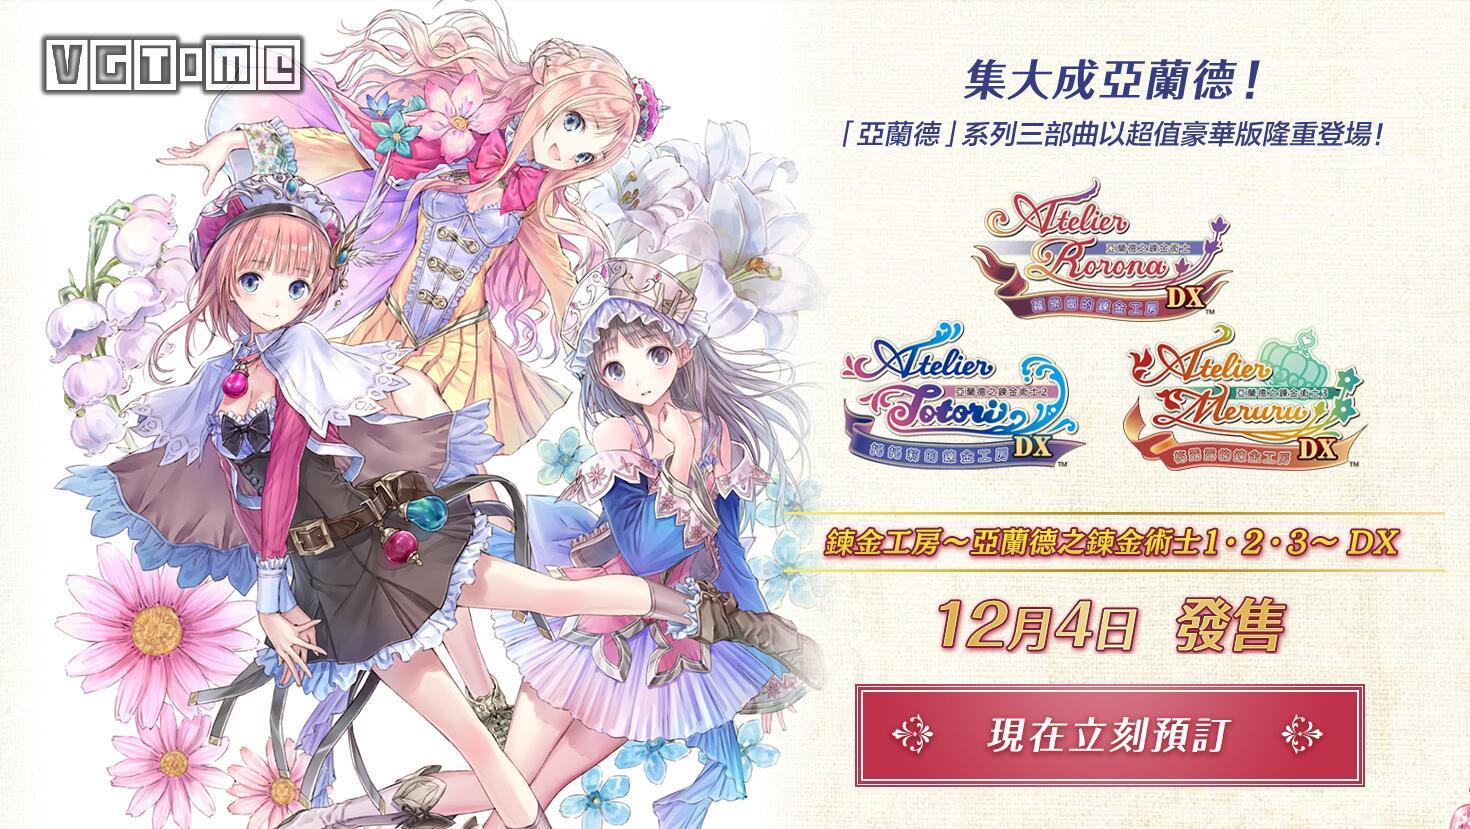 「雅兰德炼金术师」三部曲合集12月推出中文版